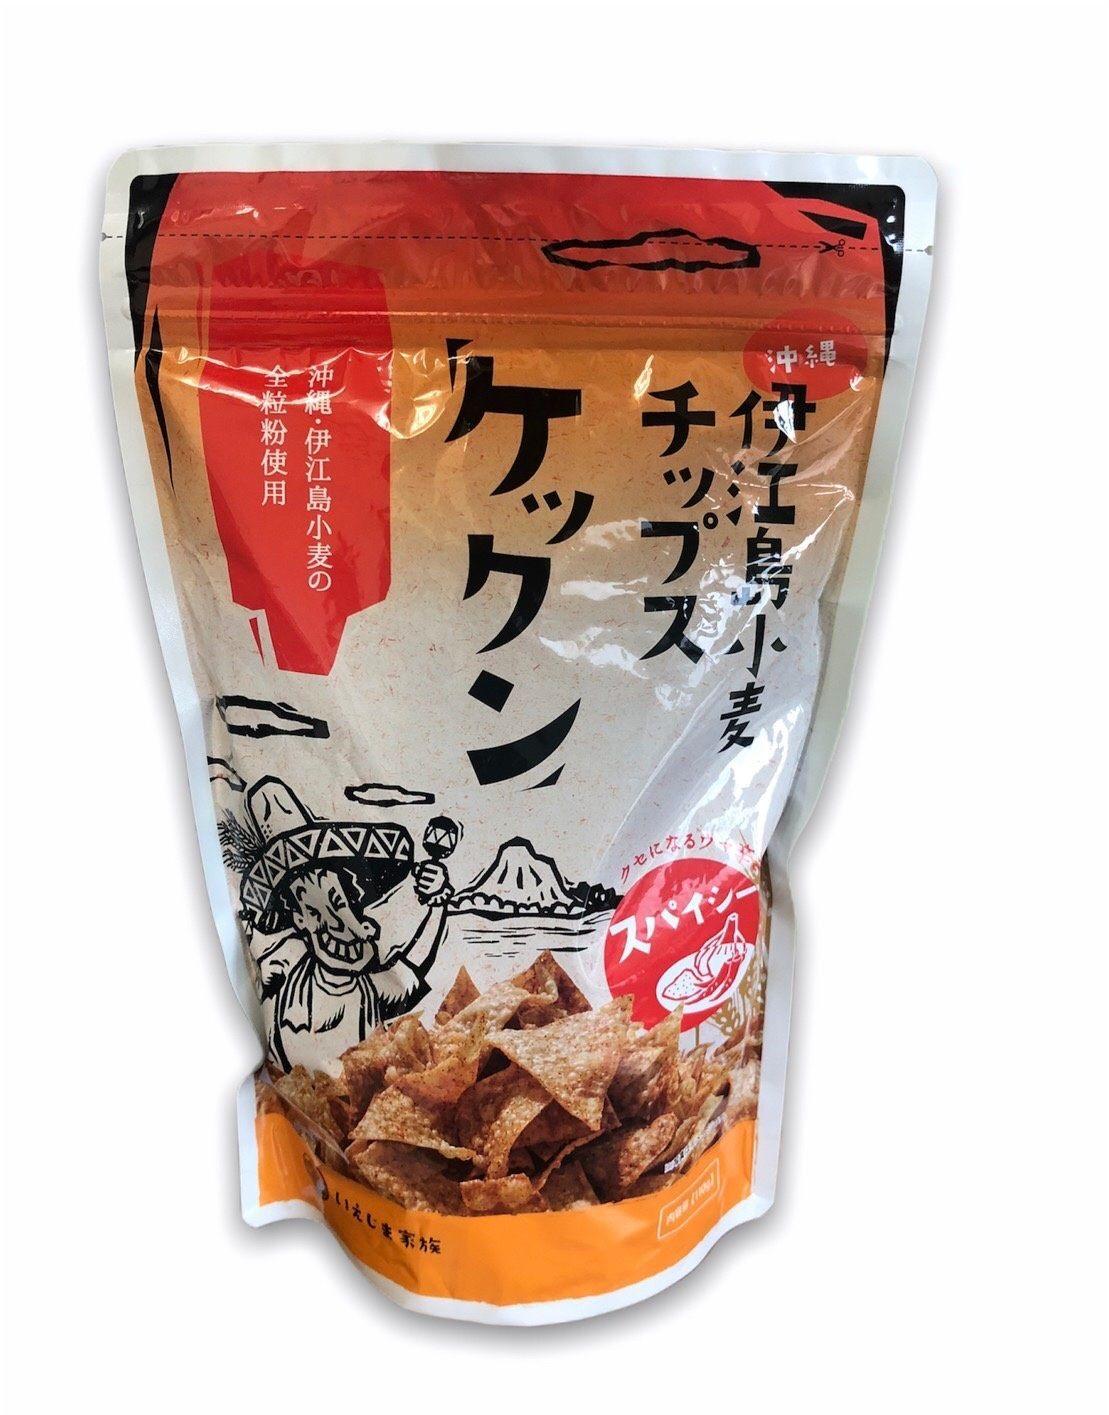 引出物 伊江島小麦チップス ケックンスパイシー4562438860121 国内在庫